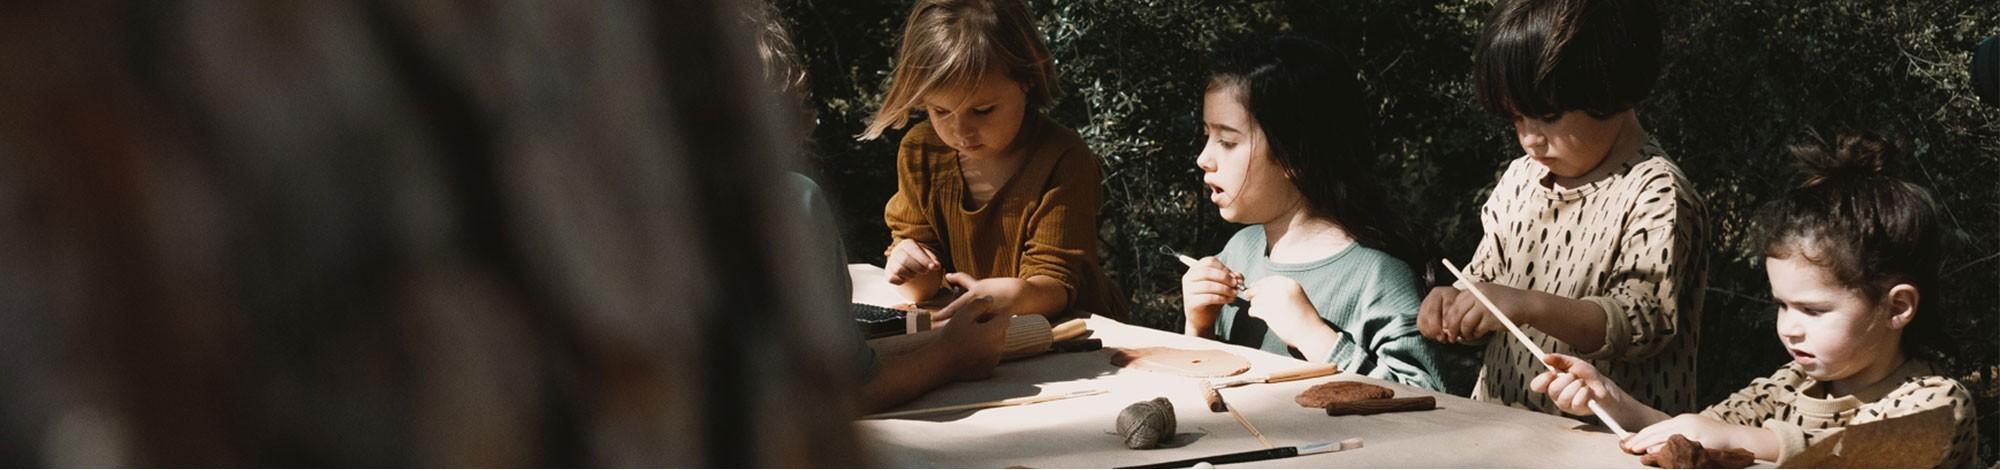 Ropa eco para niños y bebe. Moda sostenible y algodón orgánico de comercio justo certificado para niño/bebe.